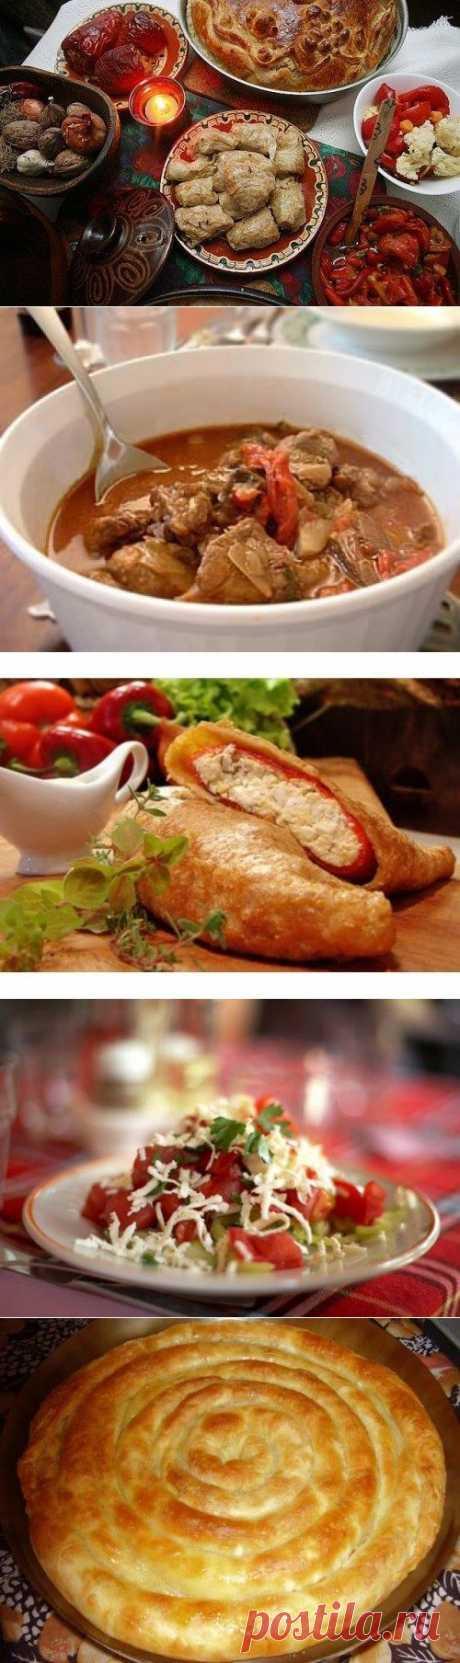 5 самых известных блюд болгарской кухни